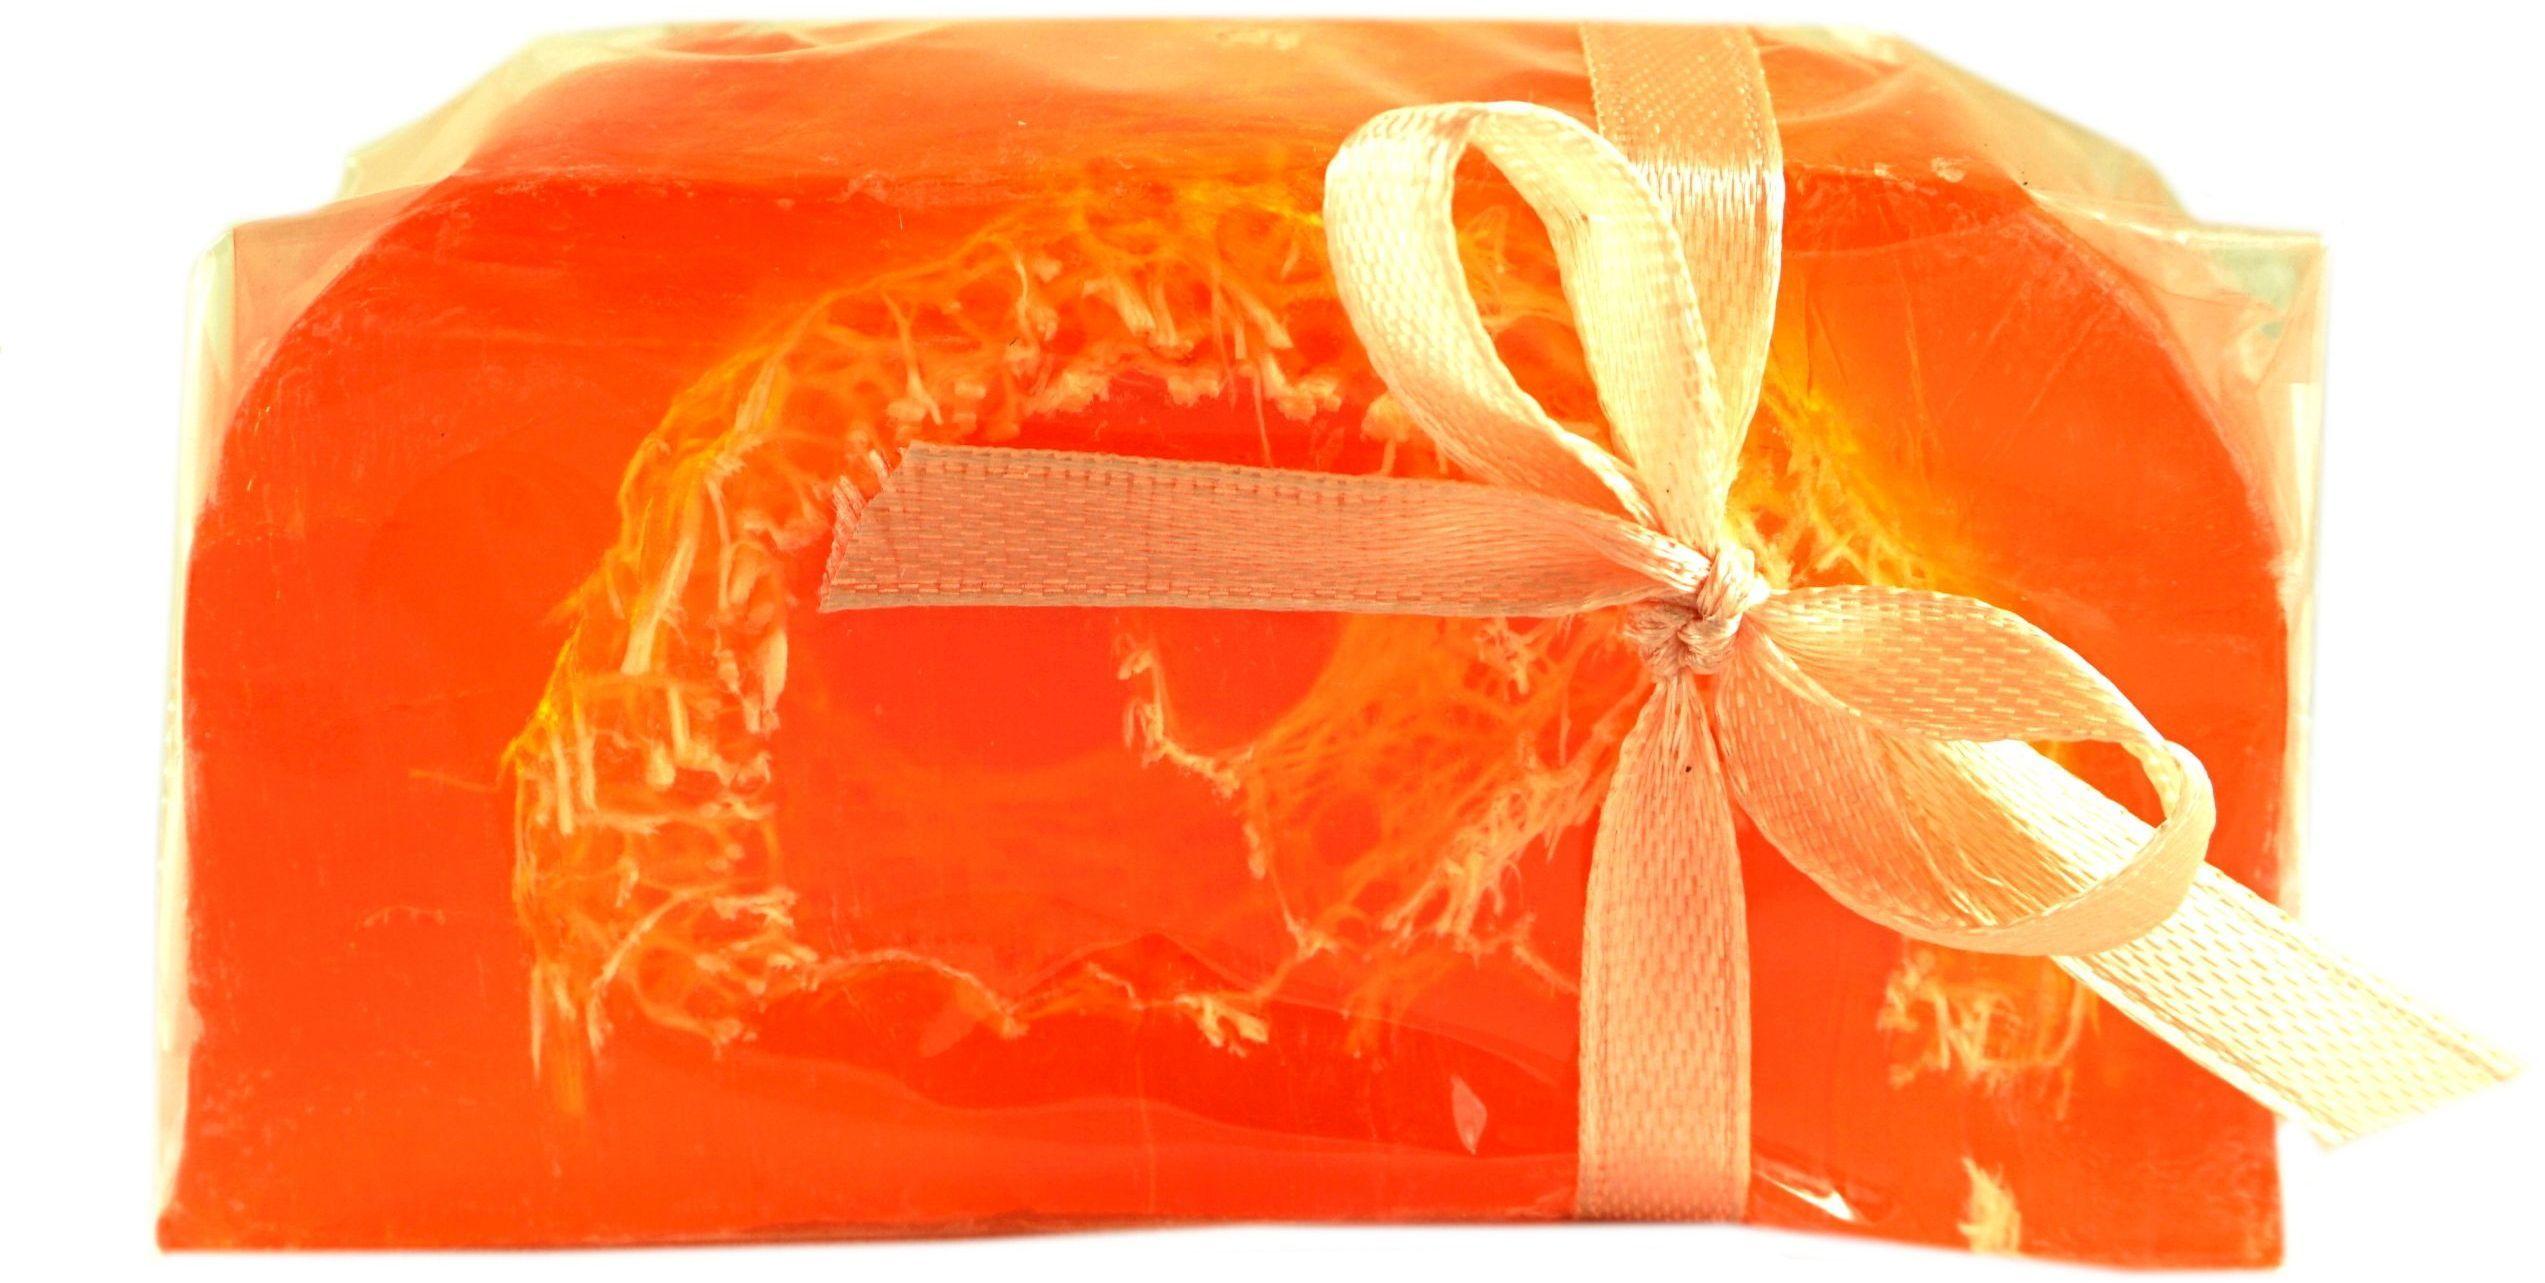 Mydło Glicerynowe z gąbką Loofah - Pomarańcza - 100g - Lavea